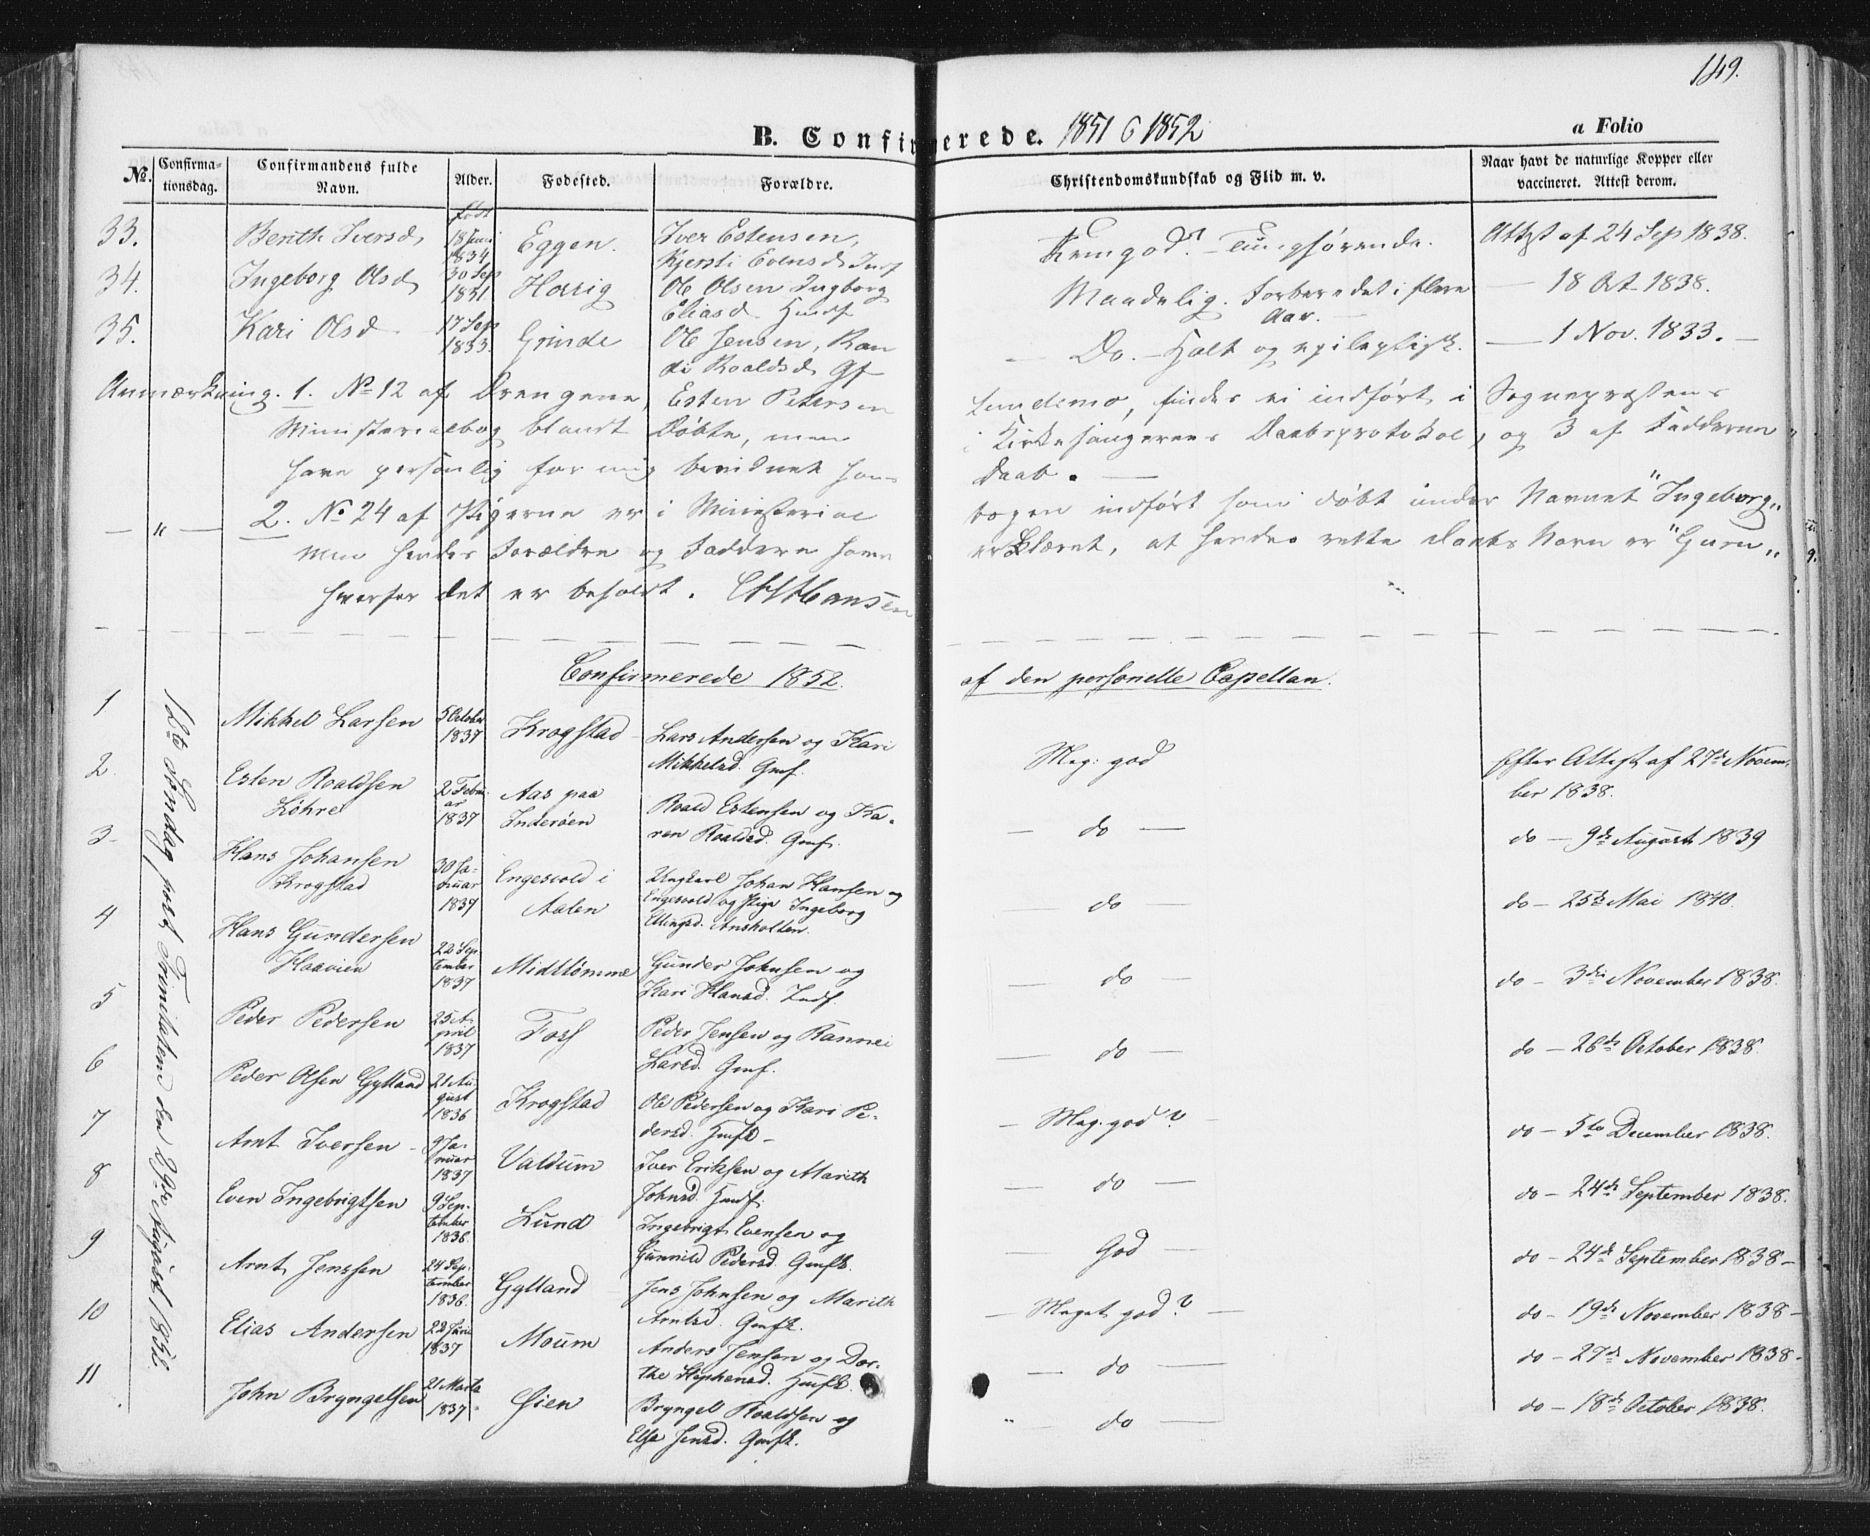 SAT, Ministerialprotokoller, klokkerbøker og fødselsregistre - Sør-Trøndelag, 692/L1103: Ministerialbok nr. 692A03, 1849-1870, s. 149